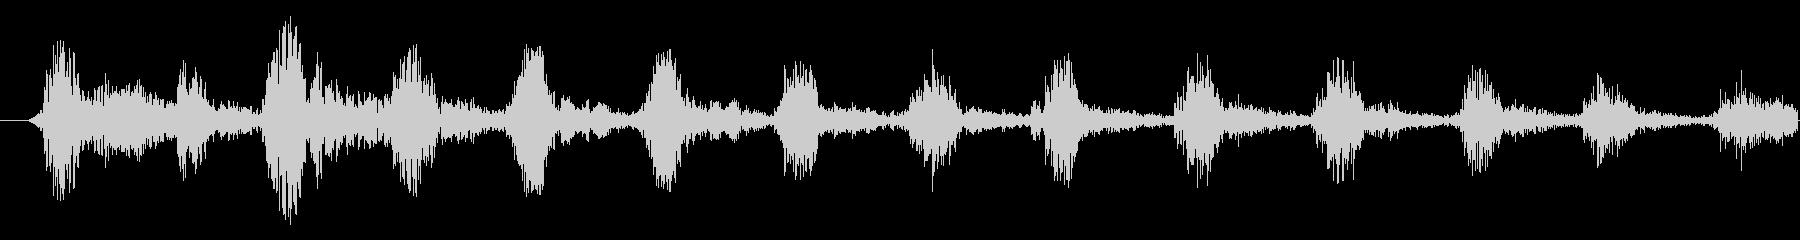 【ホラー/悪魔/声/ガハハハ/BOSS】の未再生の波形